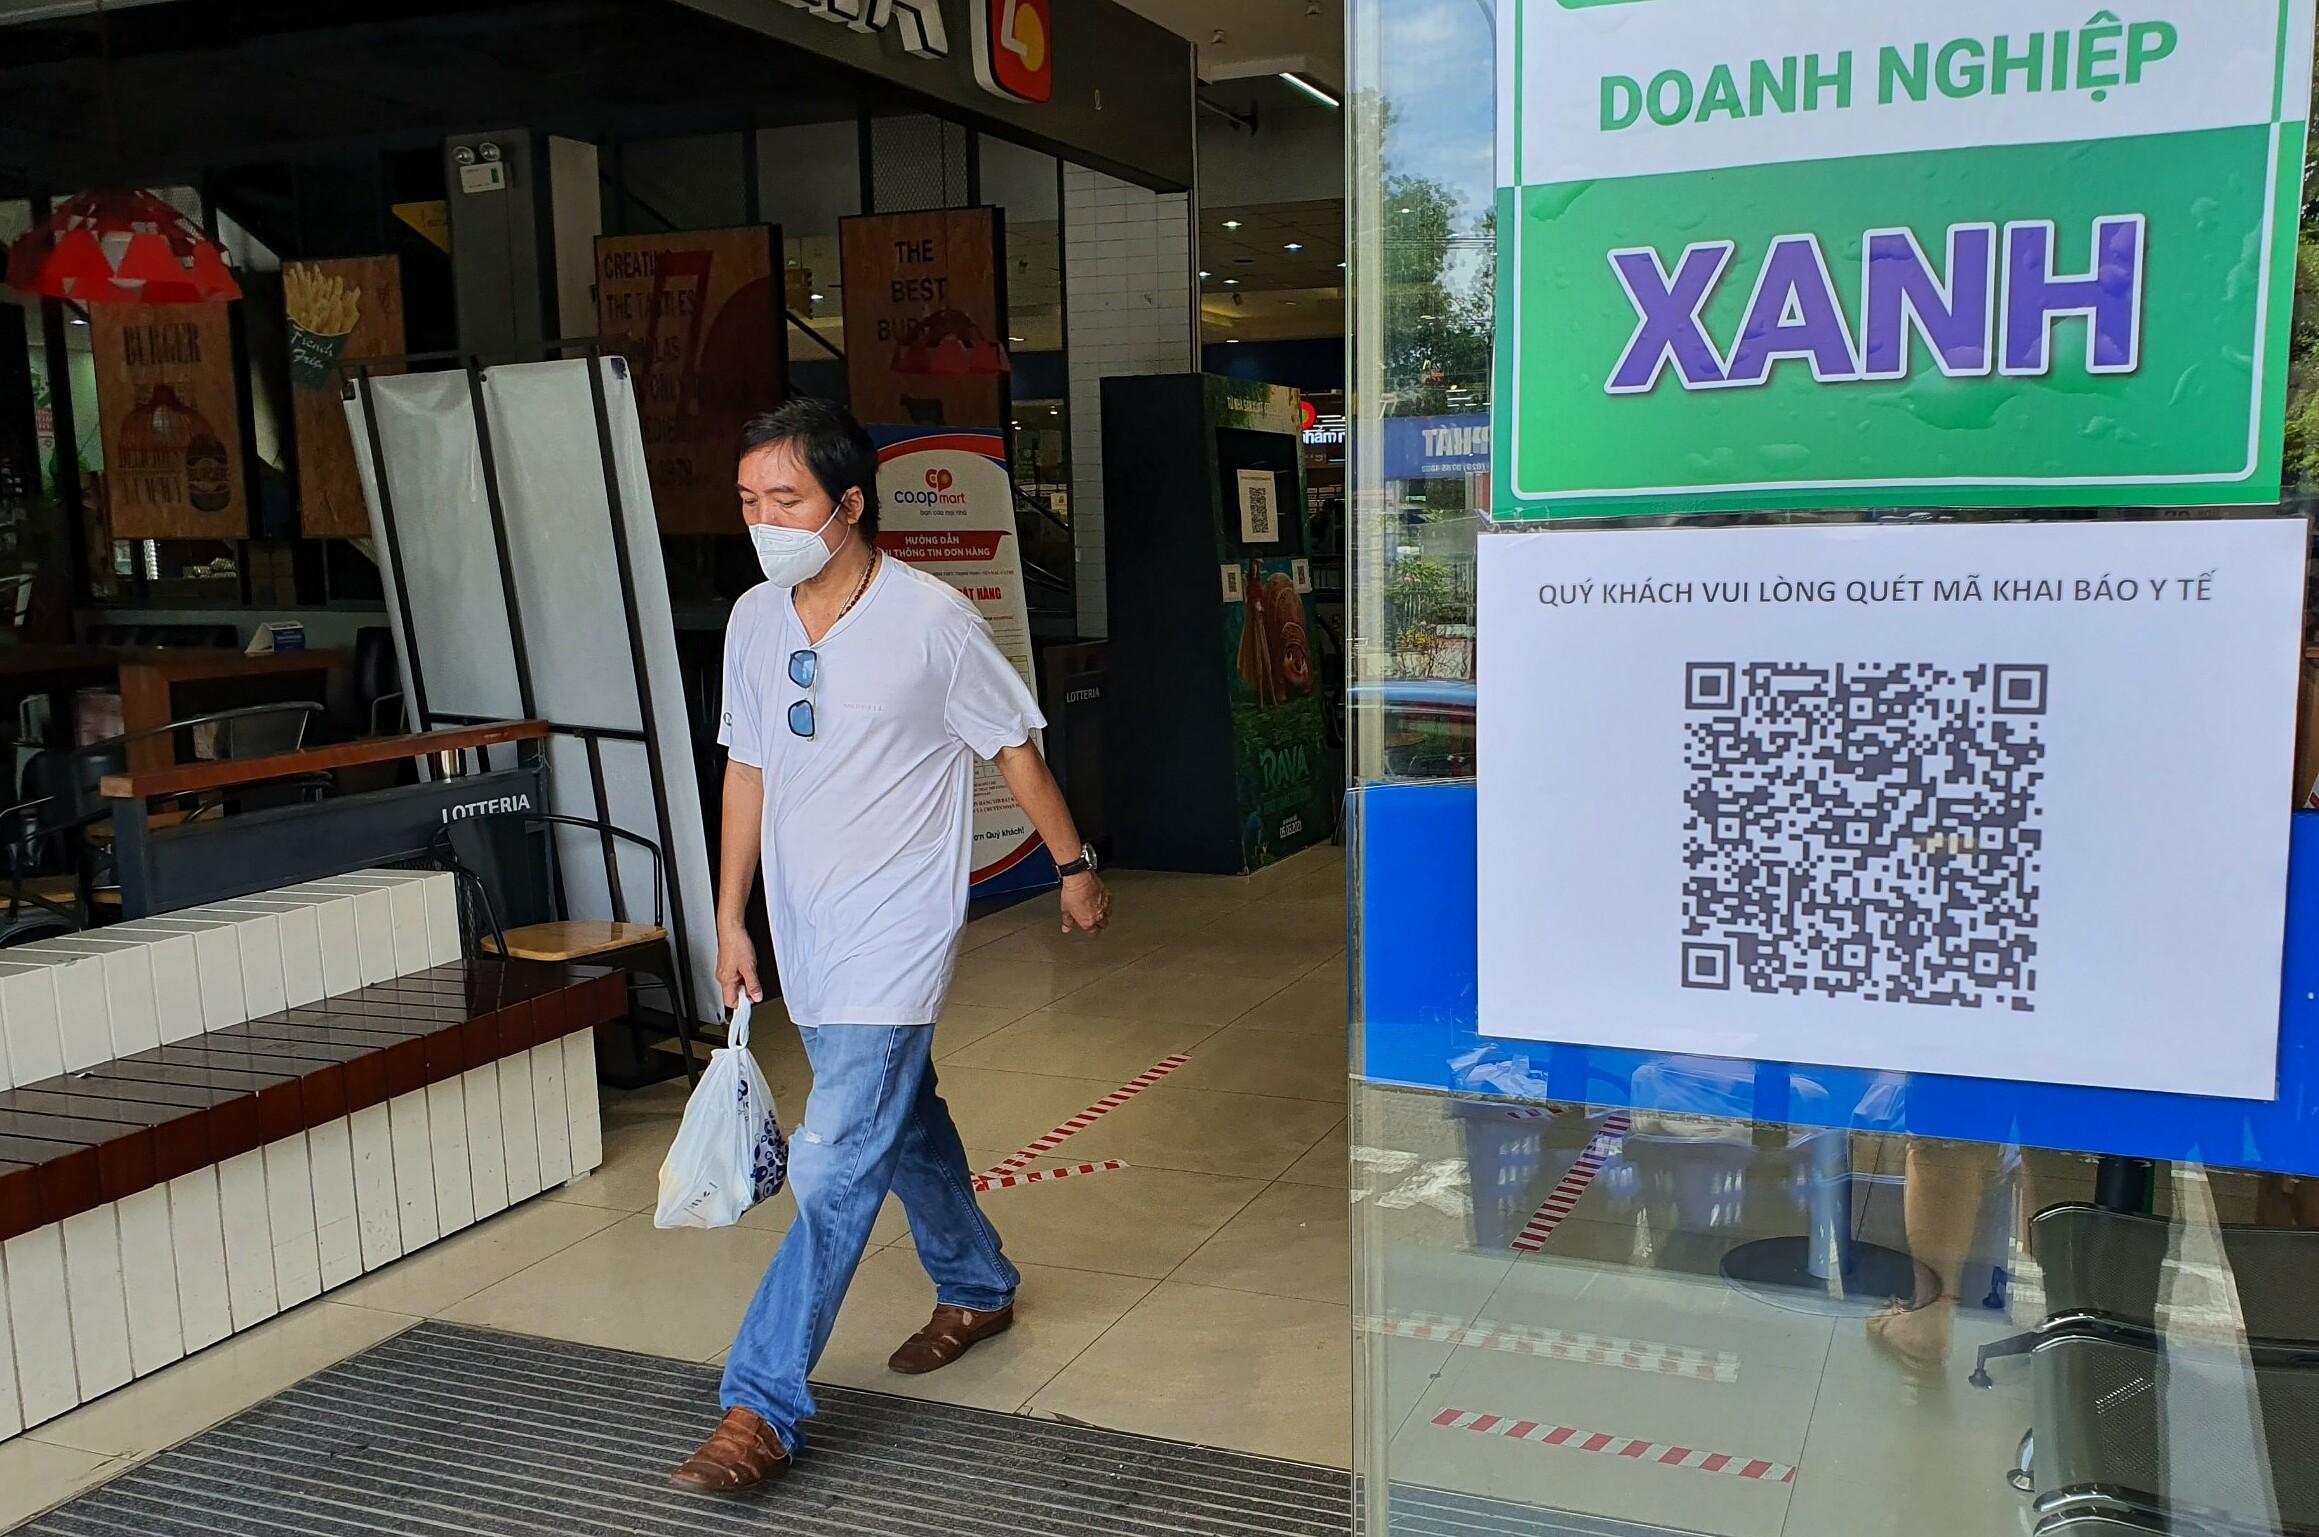 Co.opmart Huỳnh Tấn Phát được dán chứng nhận doanh nghiệp xanh. Ảnh: Hồng Châu